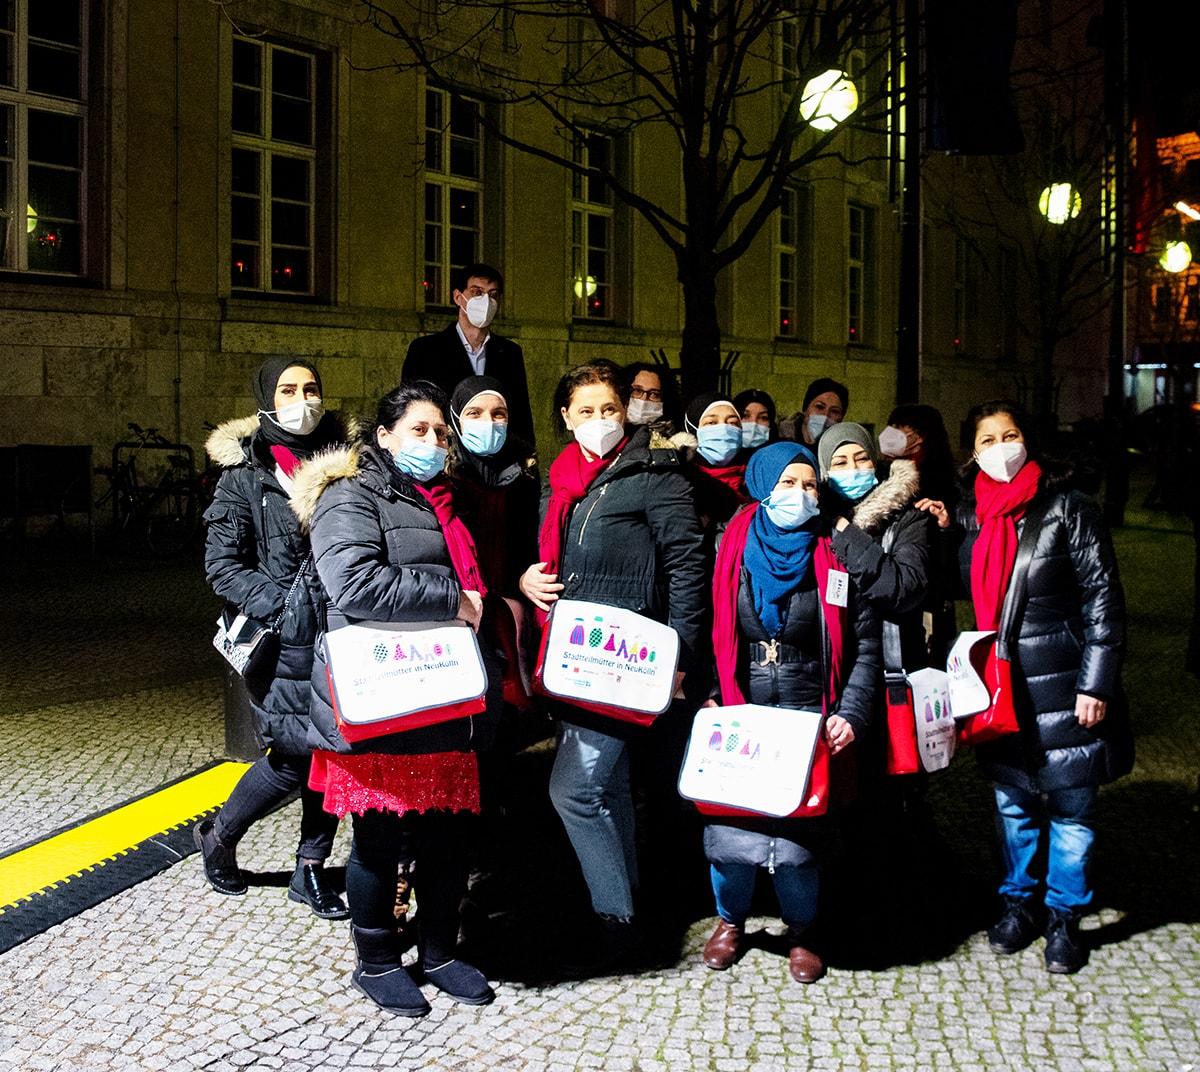 Gegen das Vergessen - Neukölln gedenkt der Opfer der rassistischen Morde von Hanau 10